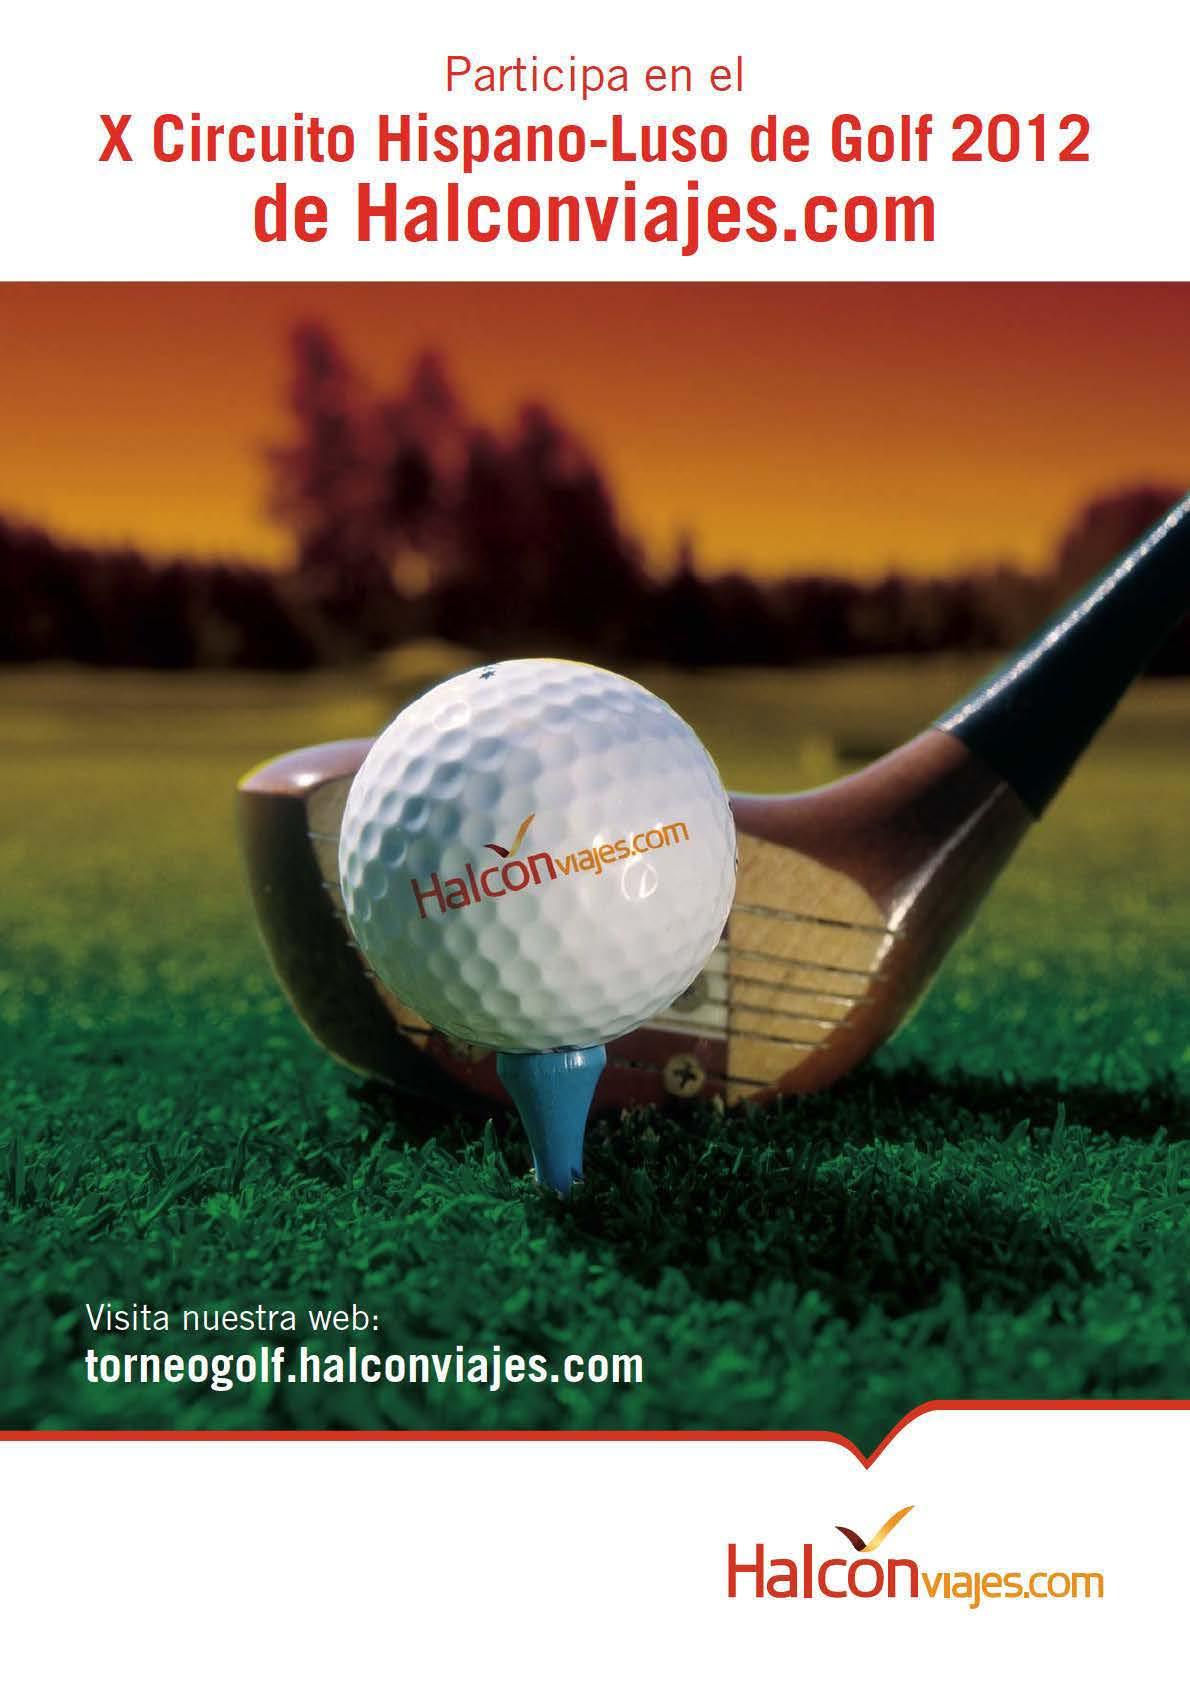 <!--:es-->X Circuito Hispano-Luso de golf de Halconviajes.com<!--:-->